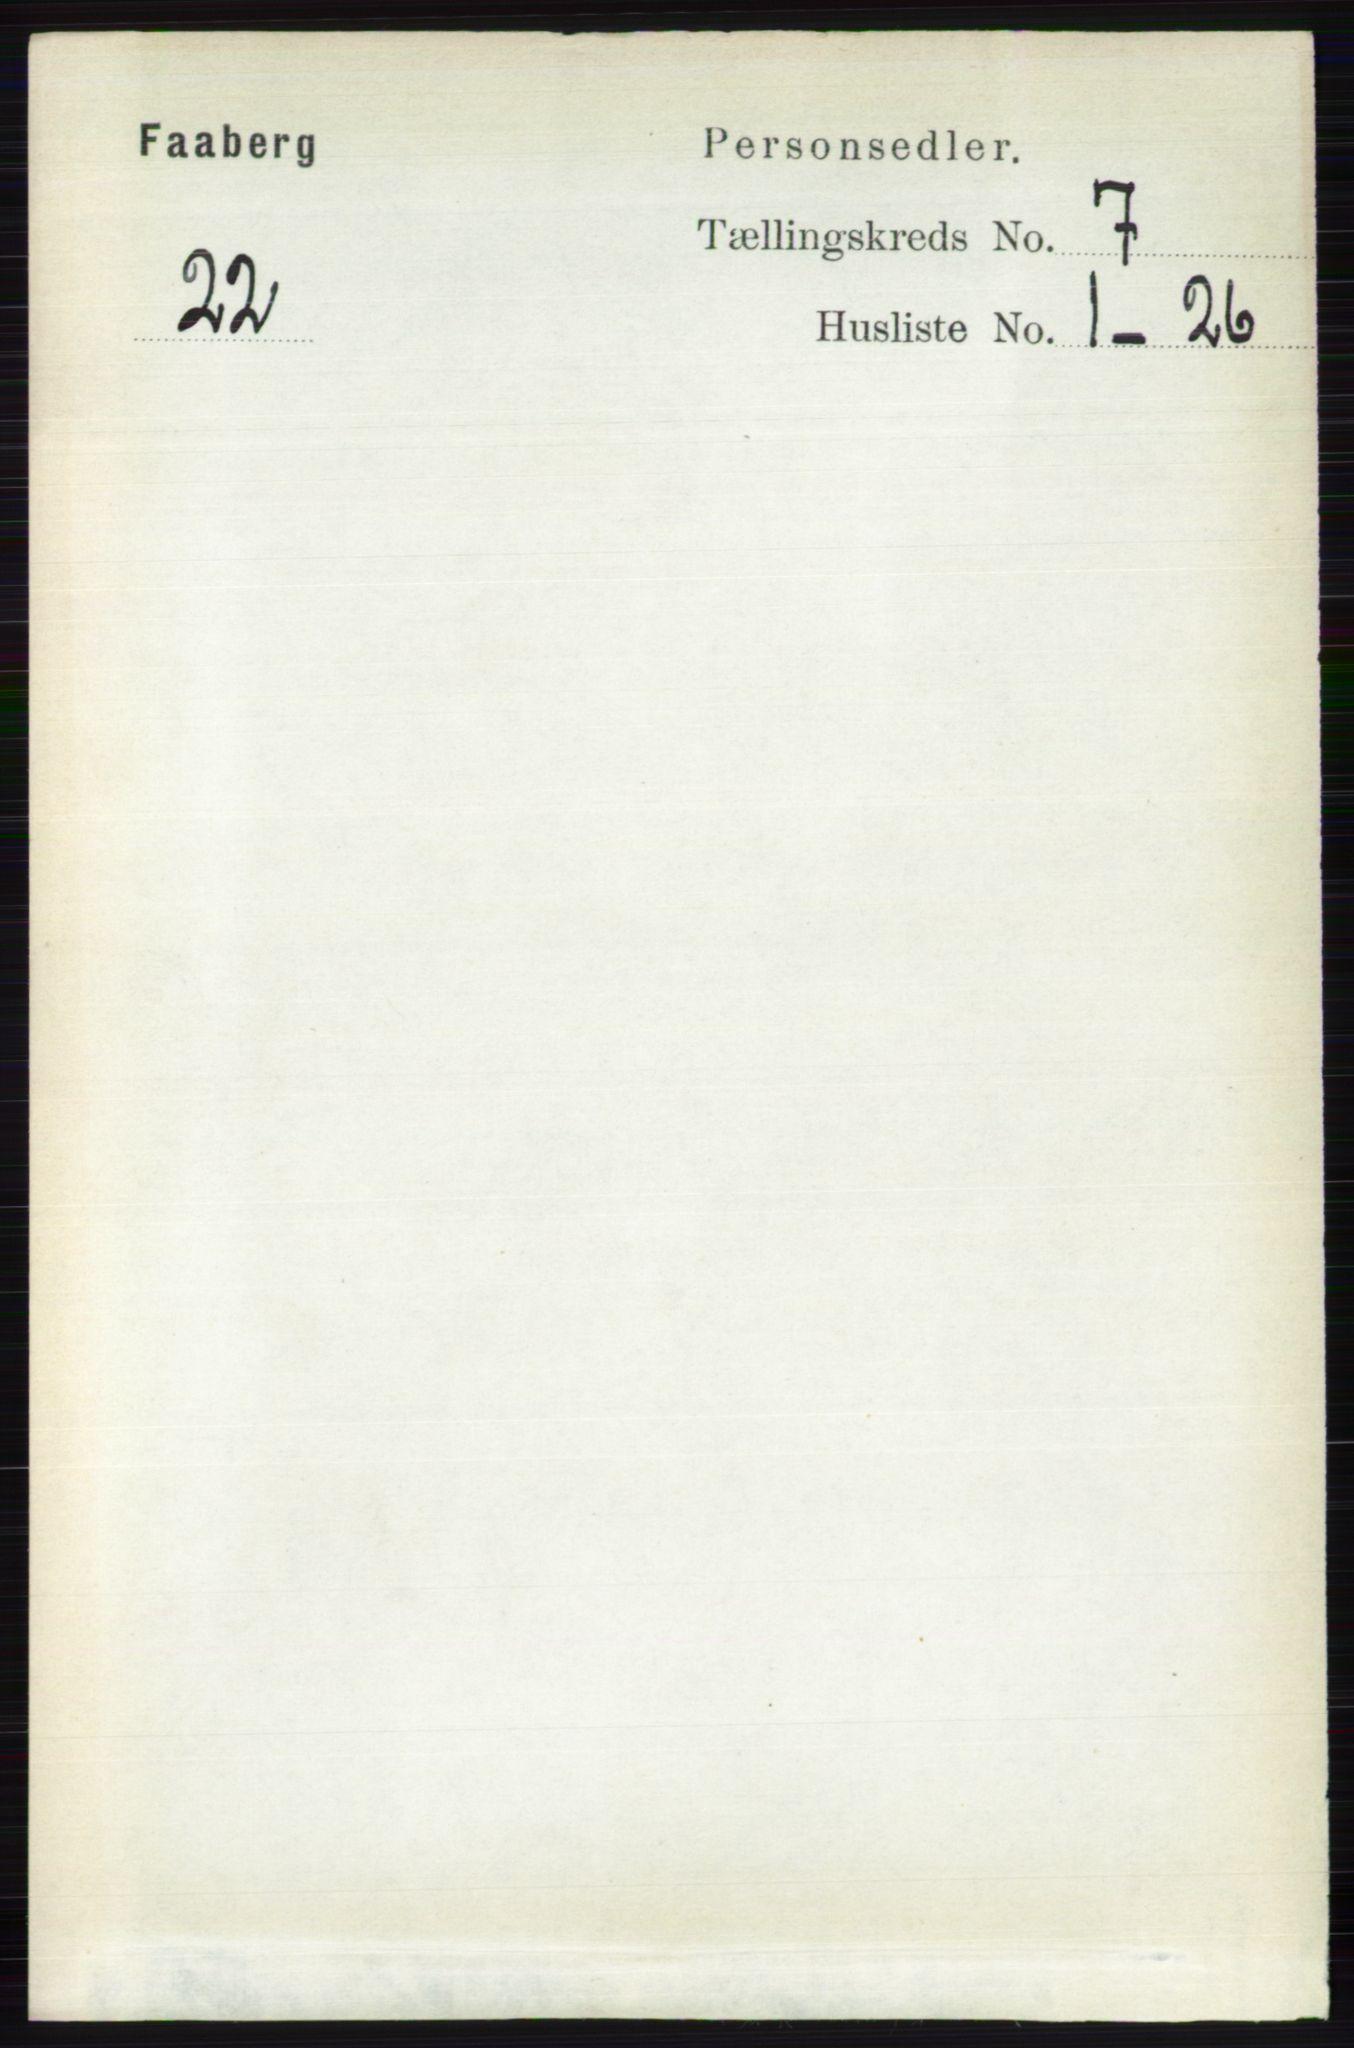 RA, Folketelling 1891 for 0524 Fåberg herred, 1891, s. 2781